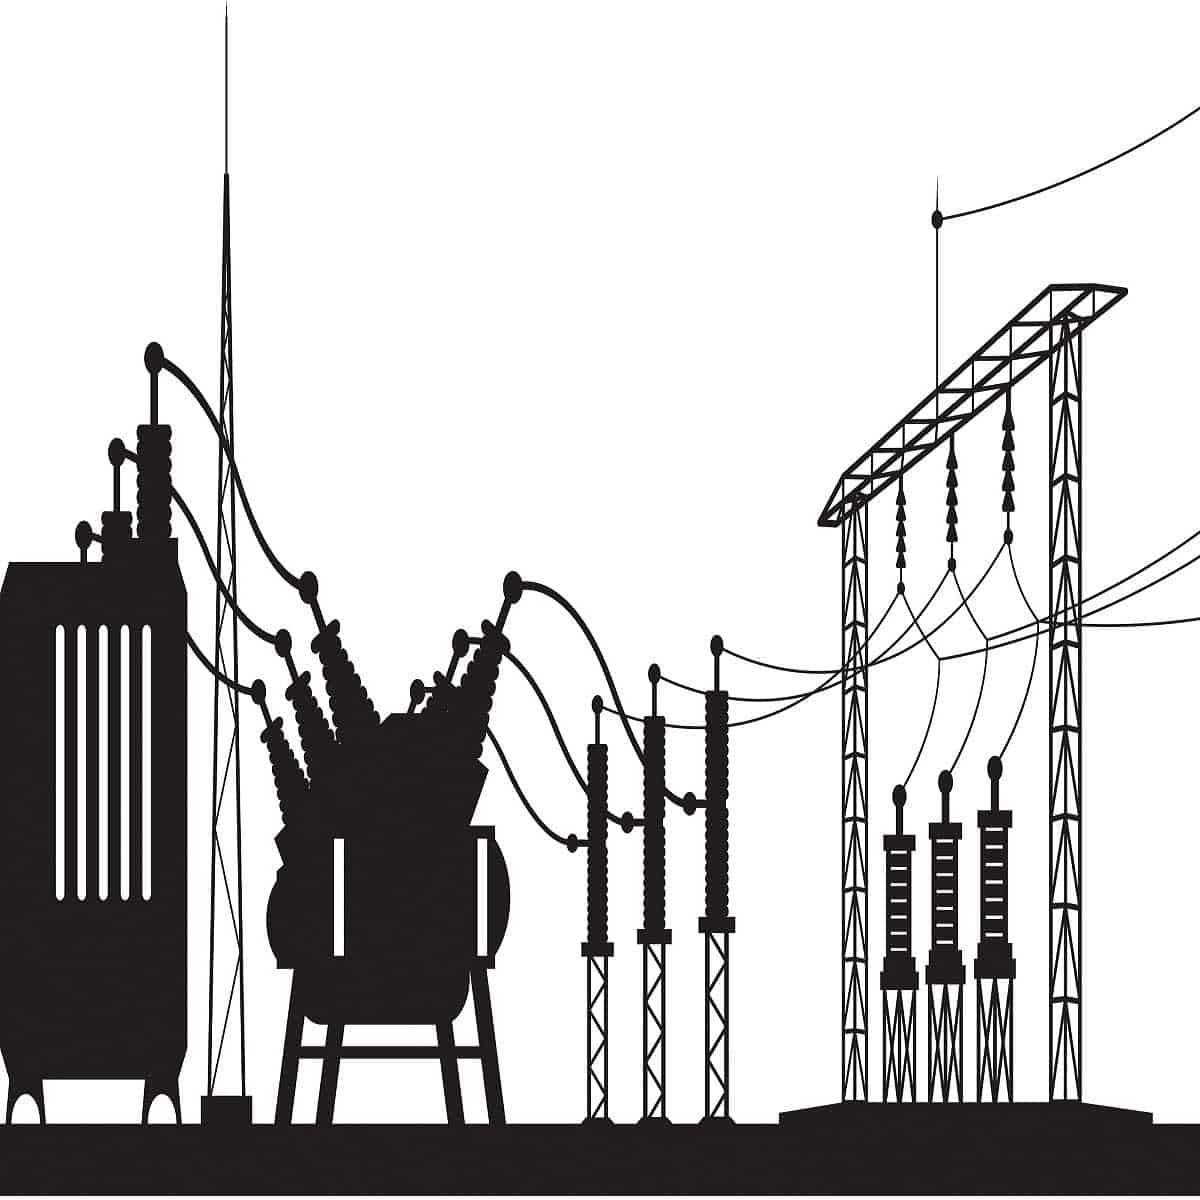 High Voltage Substation & Distribution Line